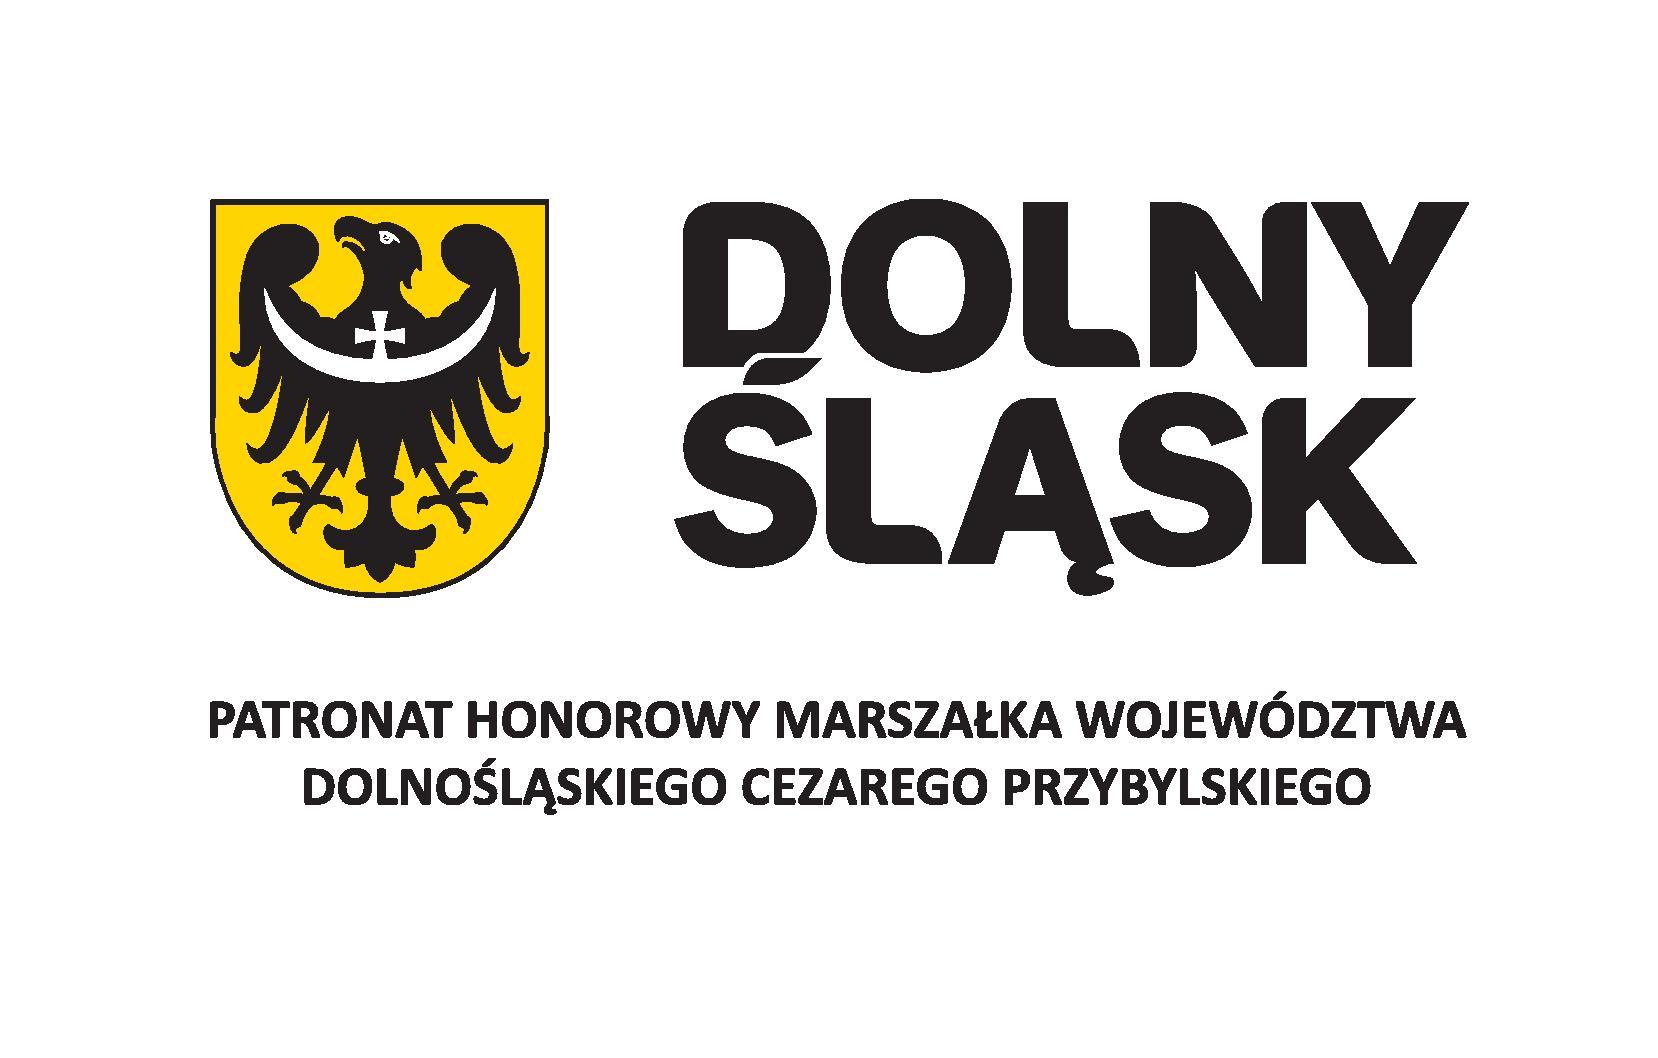 logotyp_patronat_marszalka_pion-przybylski-page-001